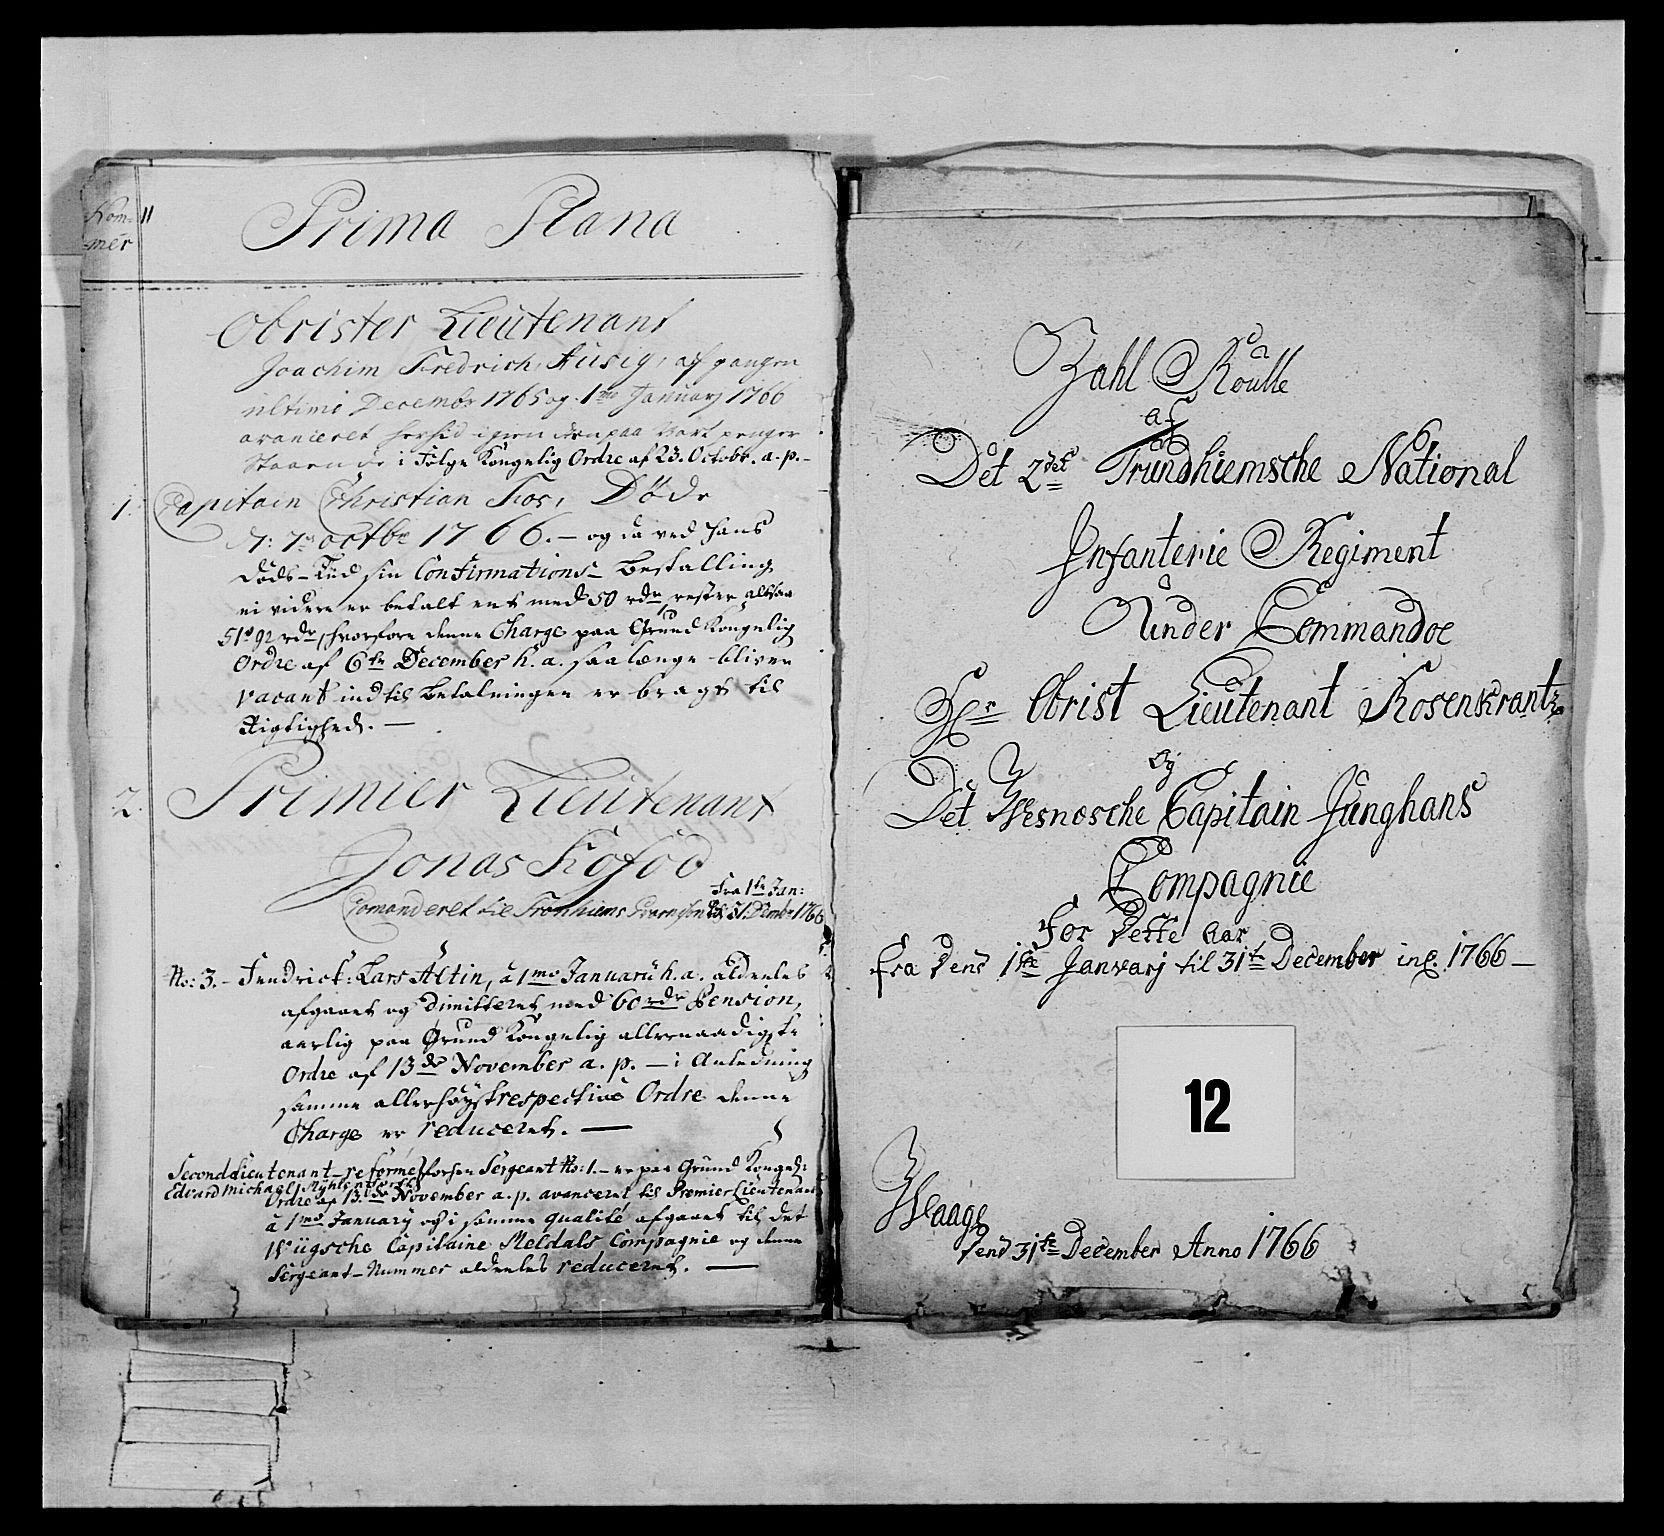 RA, Generalitets- og kommissariatskollegiet, Det kongelige norske kommissariatskollegium, E/Eh/L0076: 2. Trondheimske nasjonale infanteriregiment, 1766-1773, s. 25